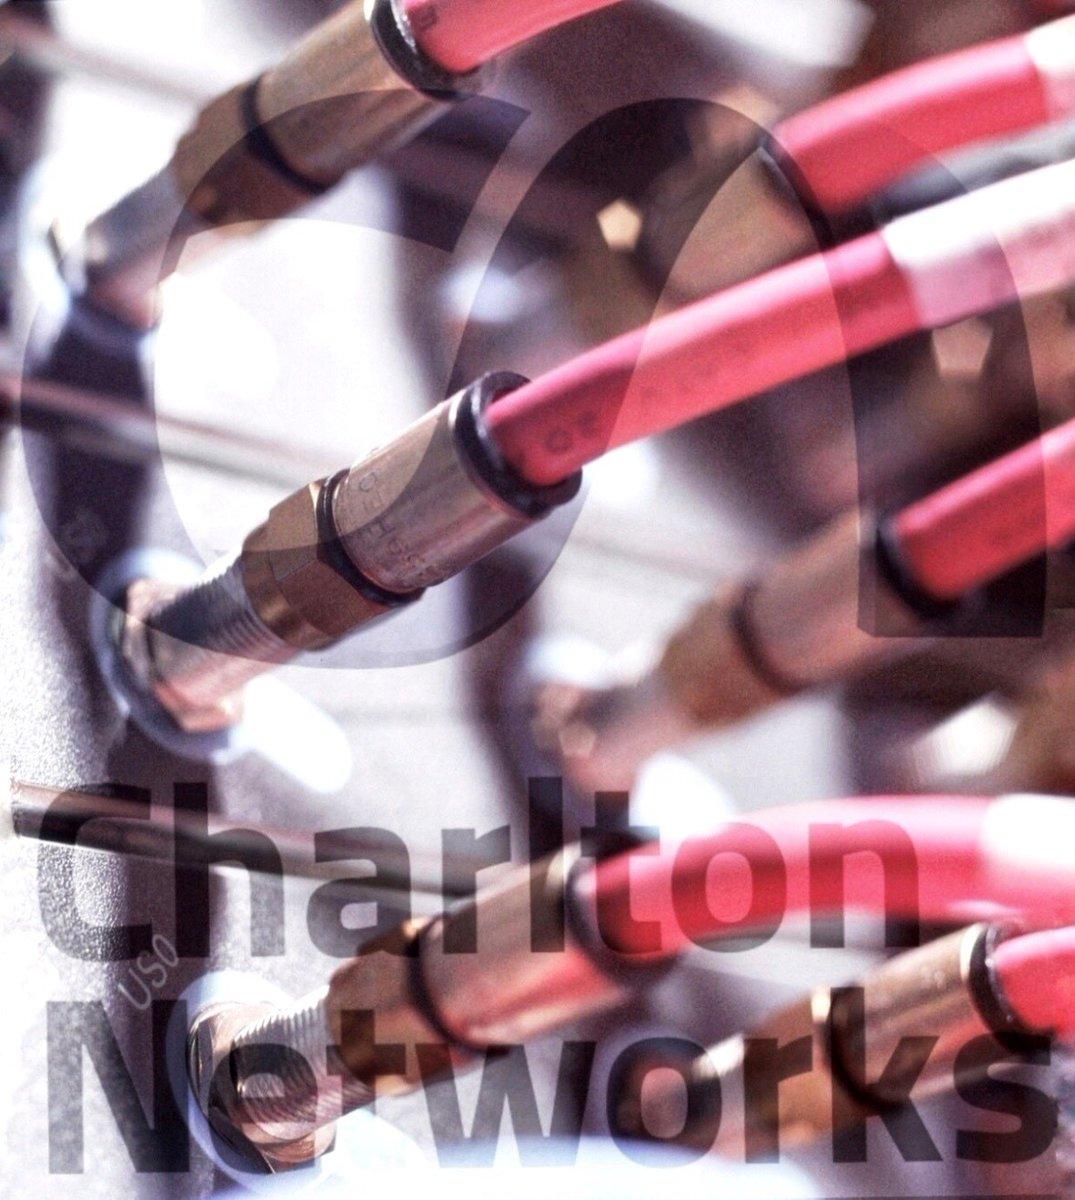 cnetworksltd photo